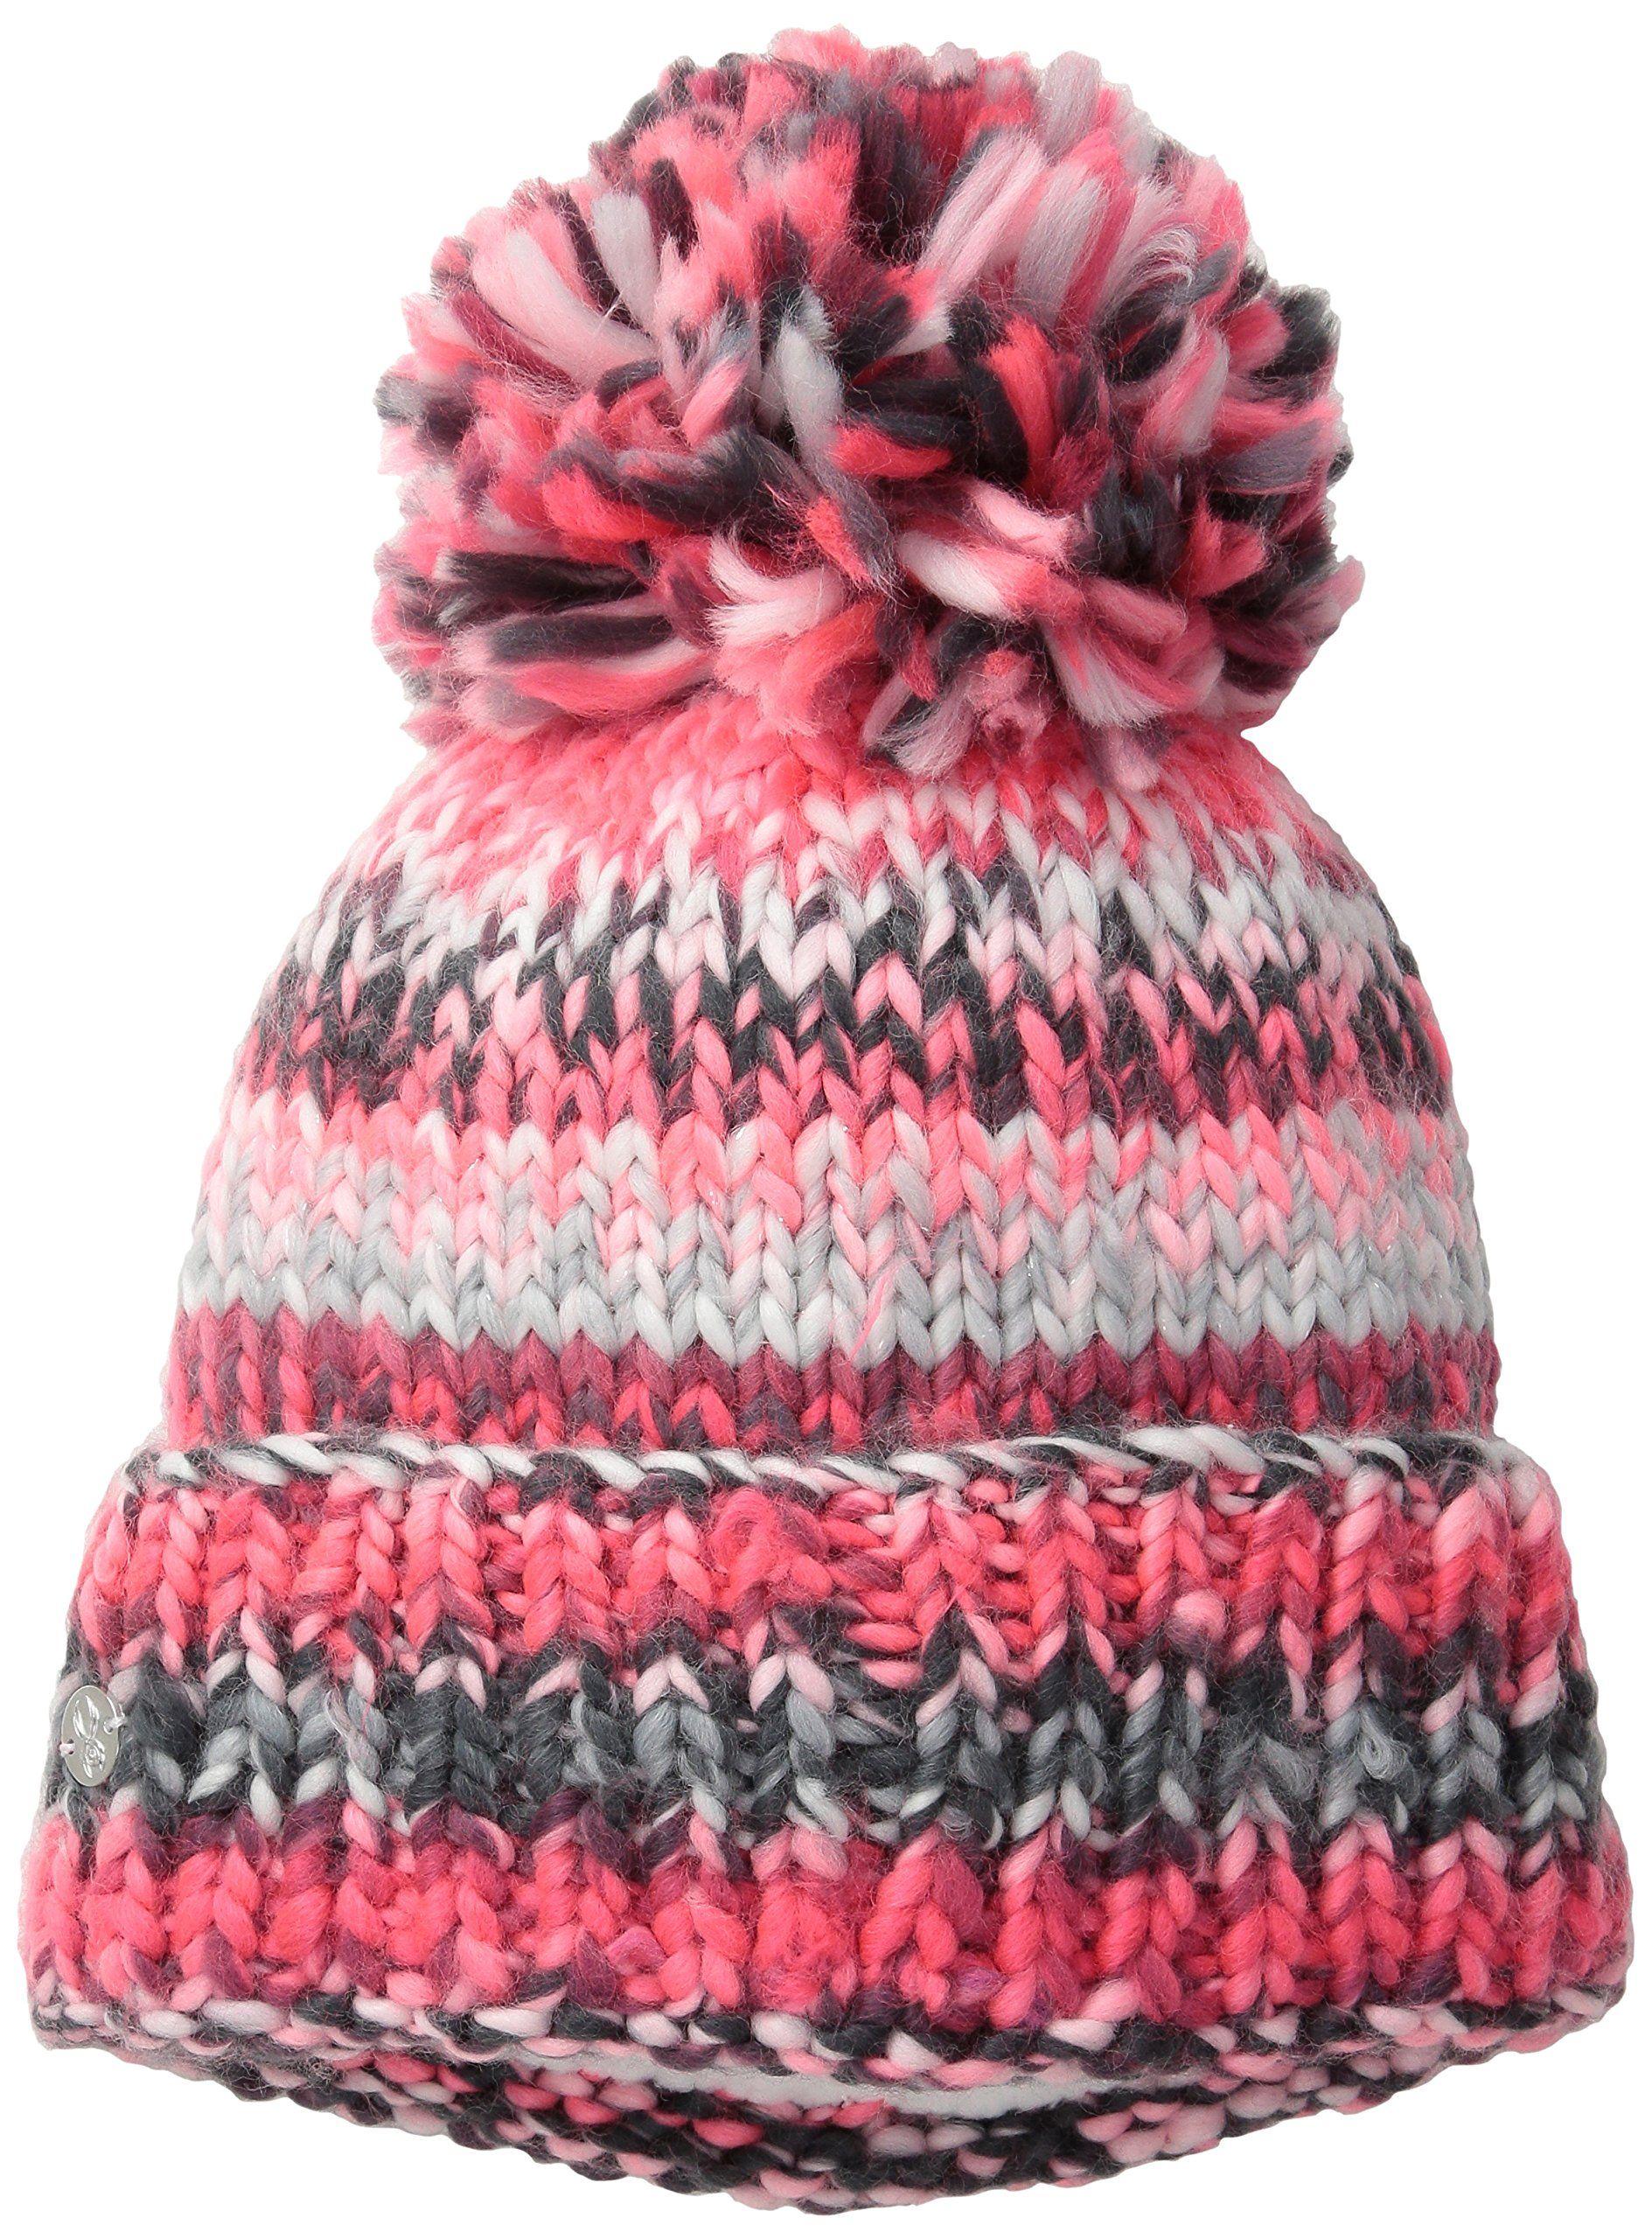 4f12d3d2268 Spyder Women s Twisty Hat